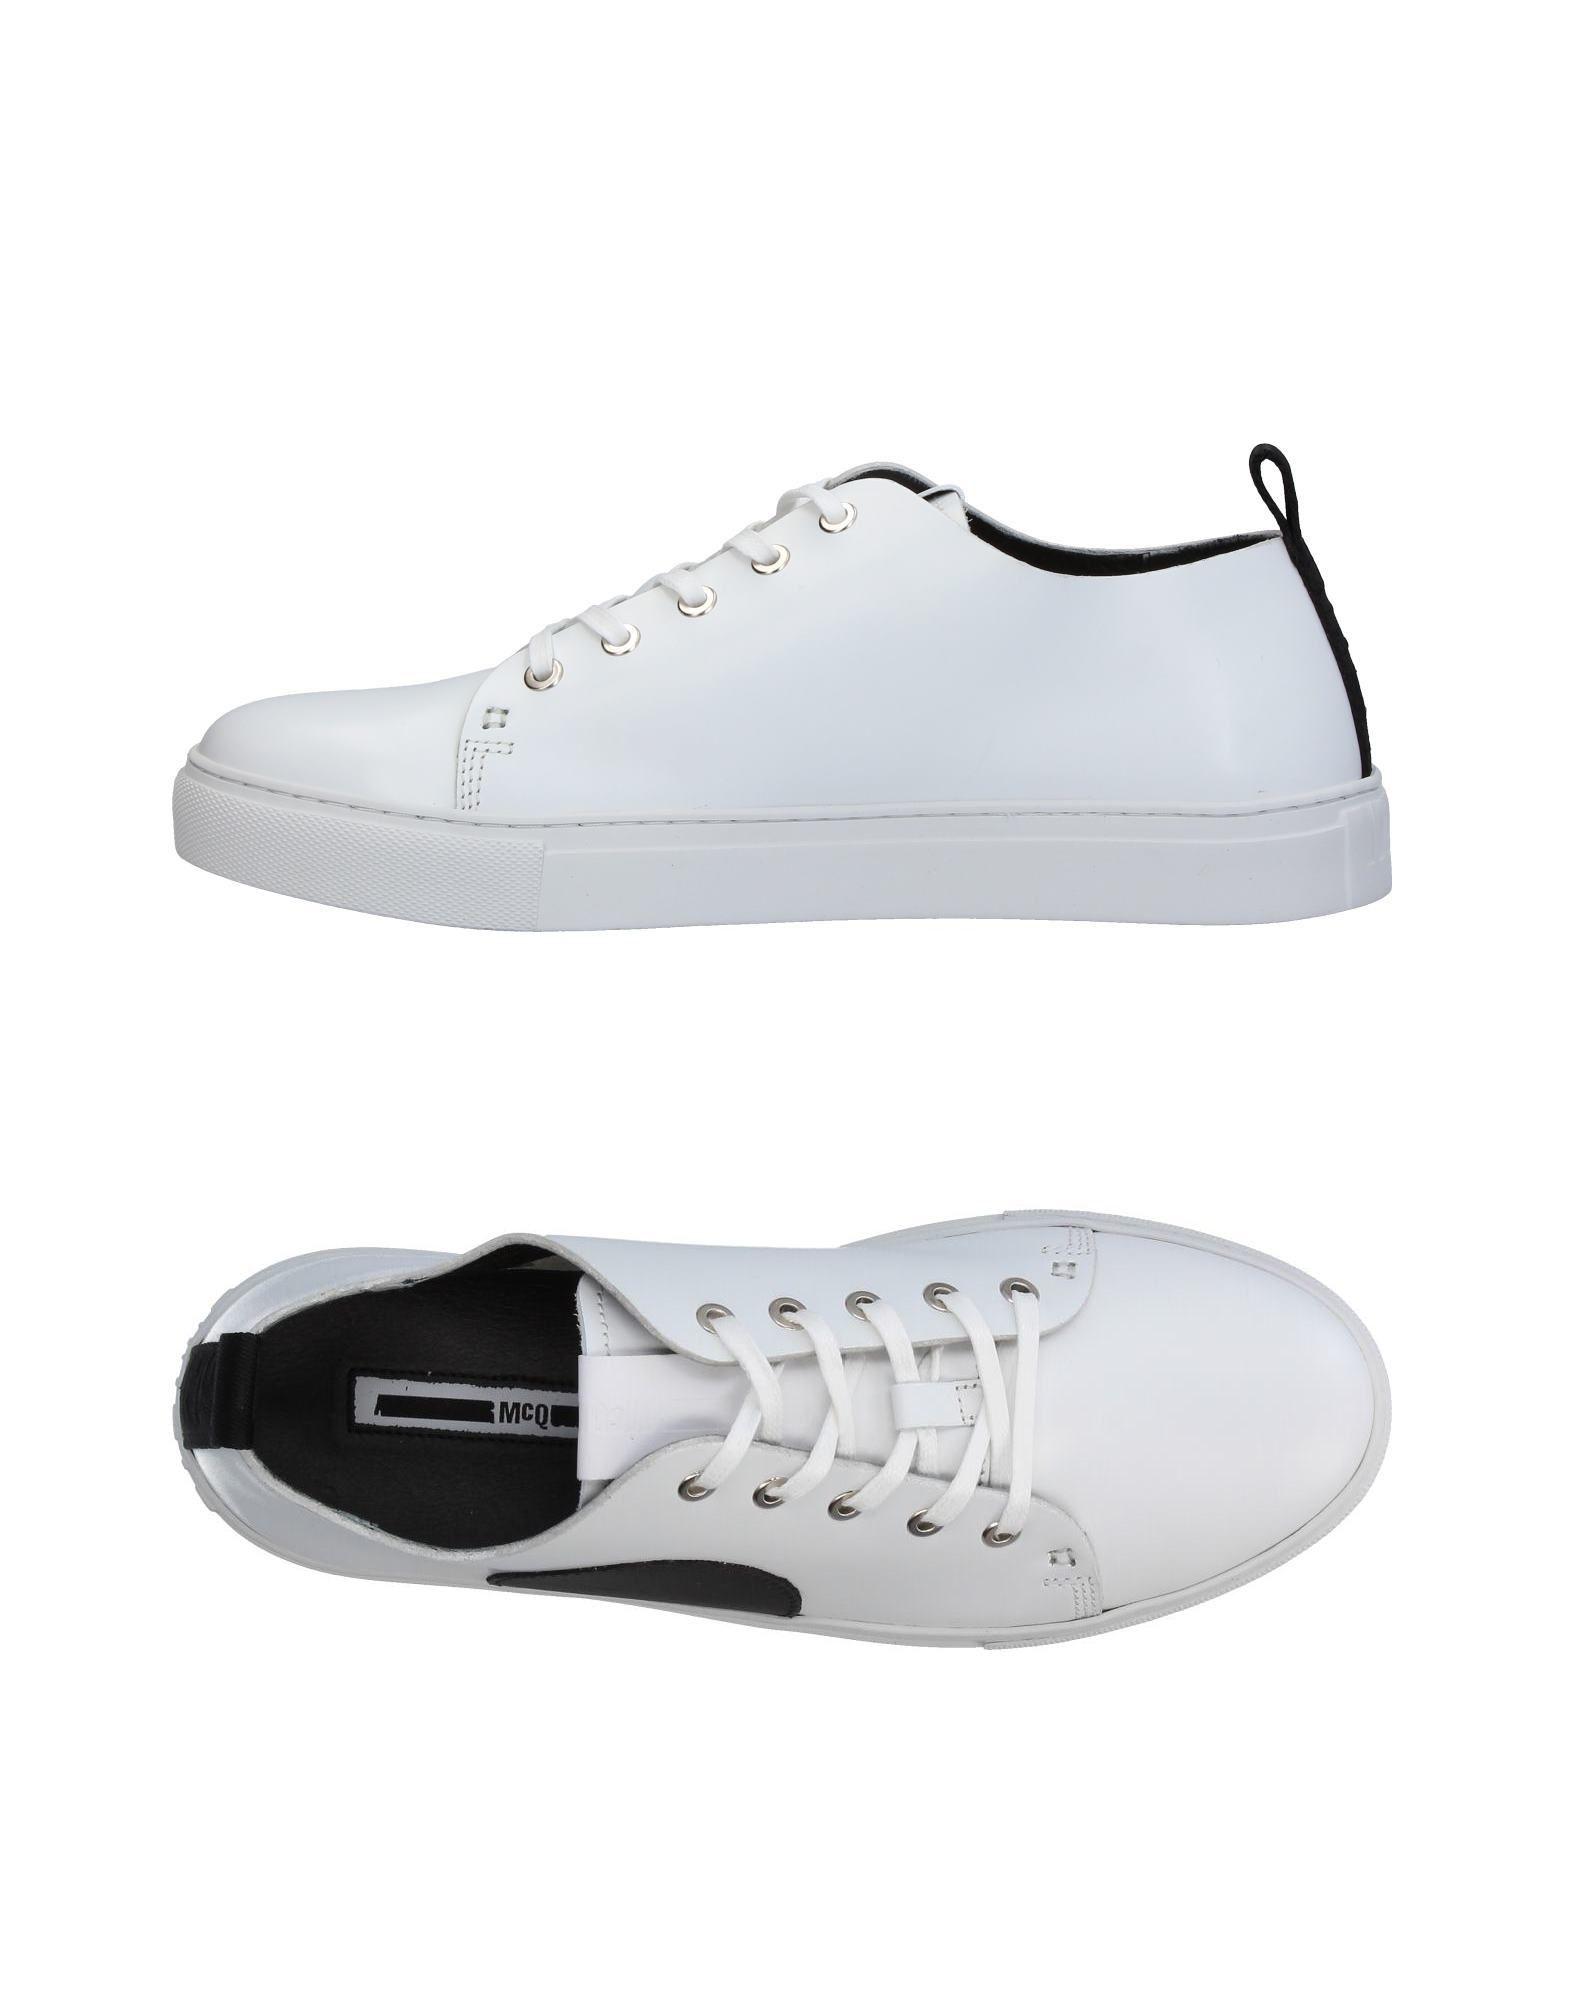 Negro Negro Negro Zapatillas Mcq Alexander Mcque Hombre - Zapatillas Mcq Alexander Mcque Recortes de precios estacionales, beneficios de descuento 2babb0